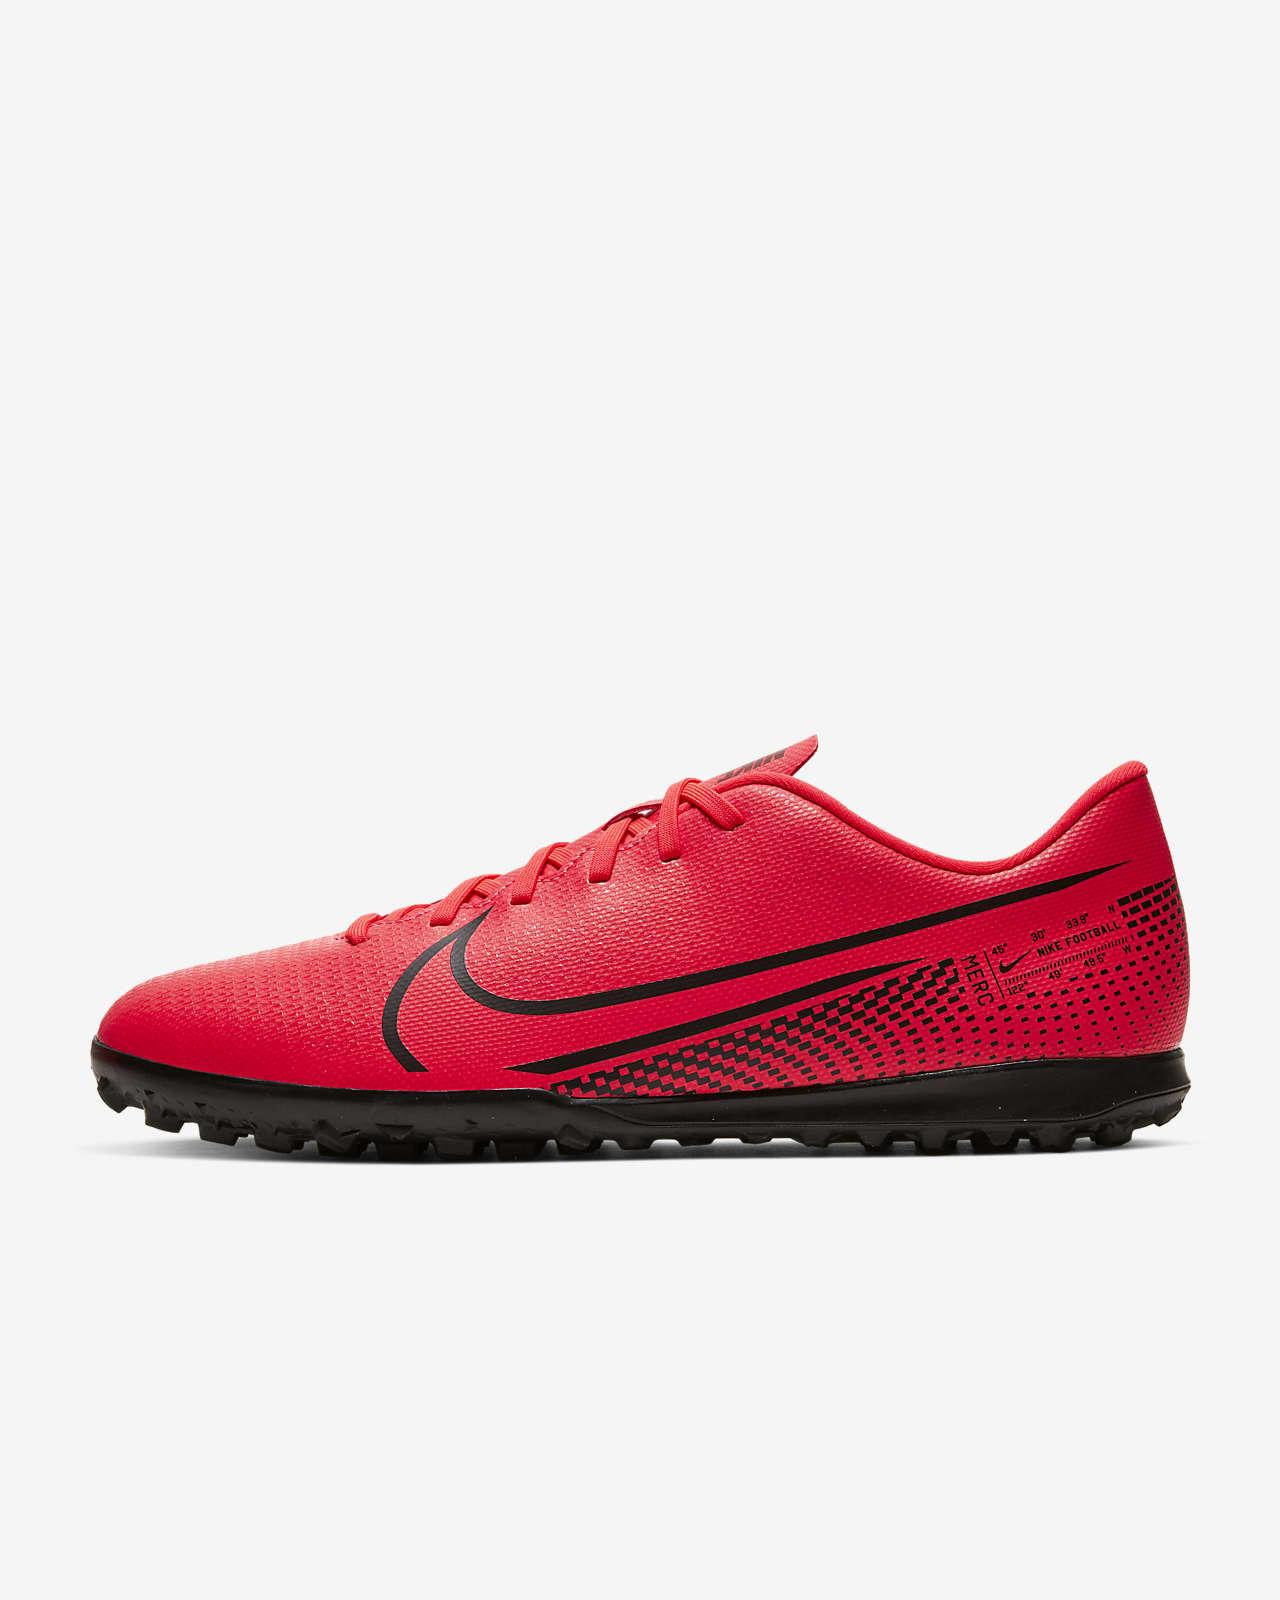 รองเท้าฟุตบอลสำหรับพื้นหญ้าเทียม Nike Mercurial Vapor 13 Club TF